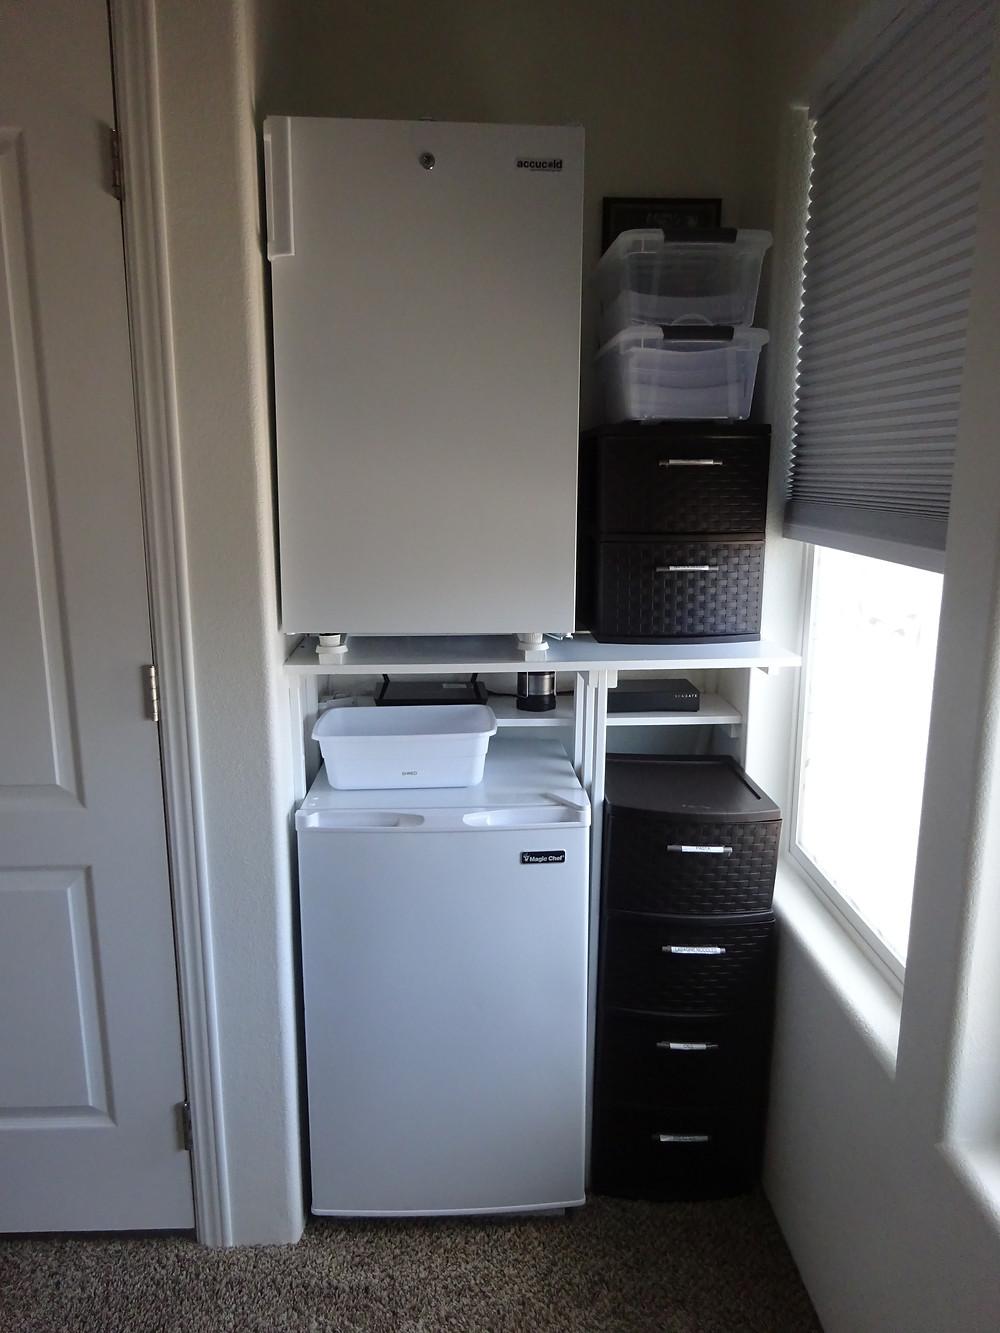 Steve Bechen freezer installation